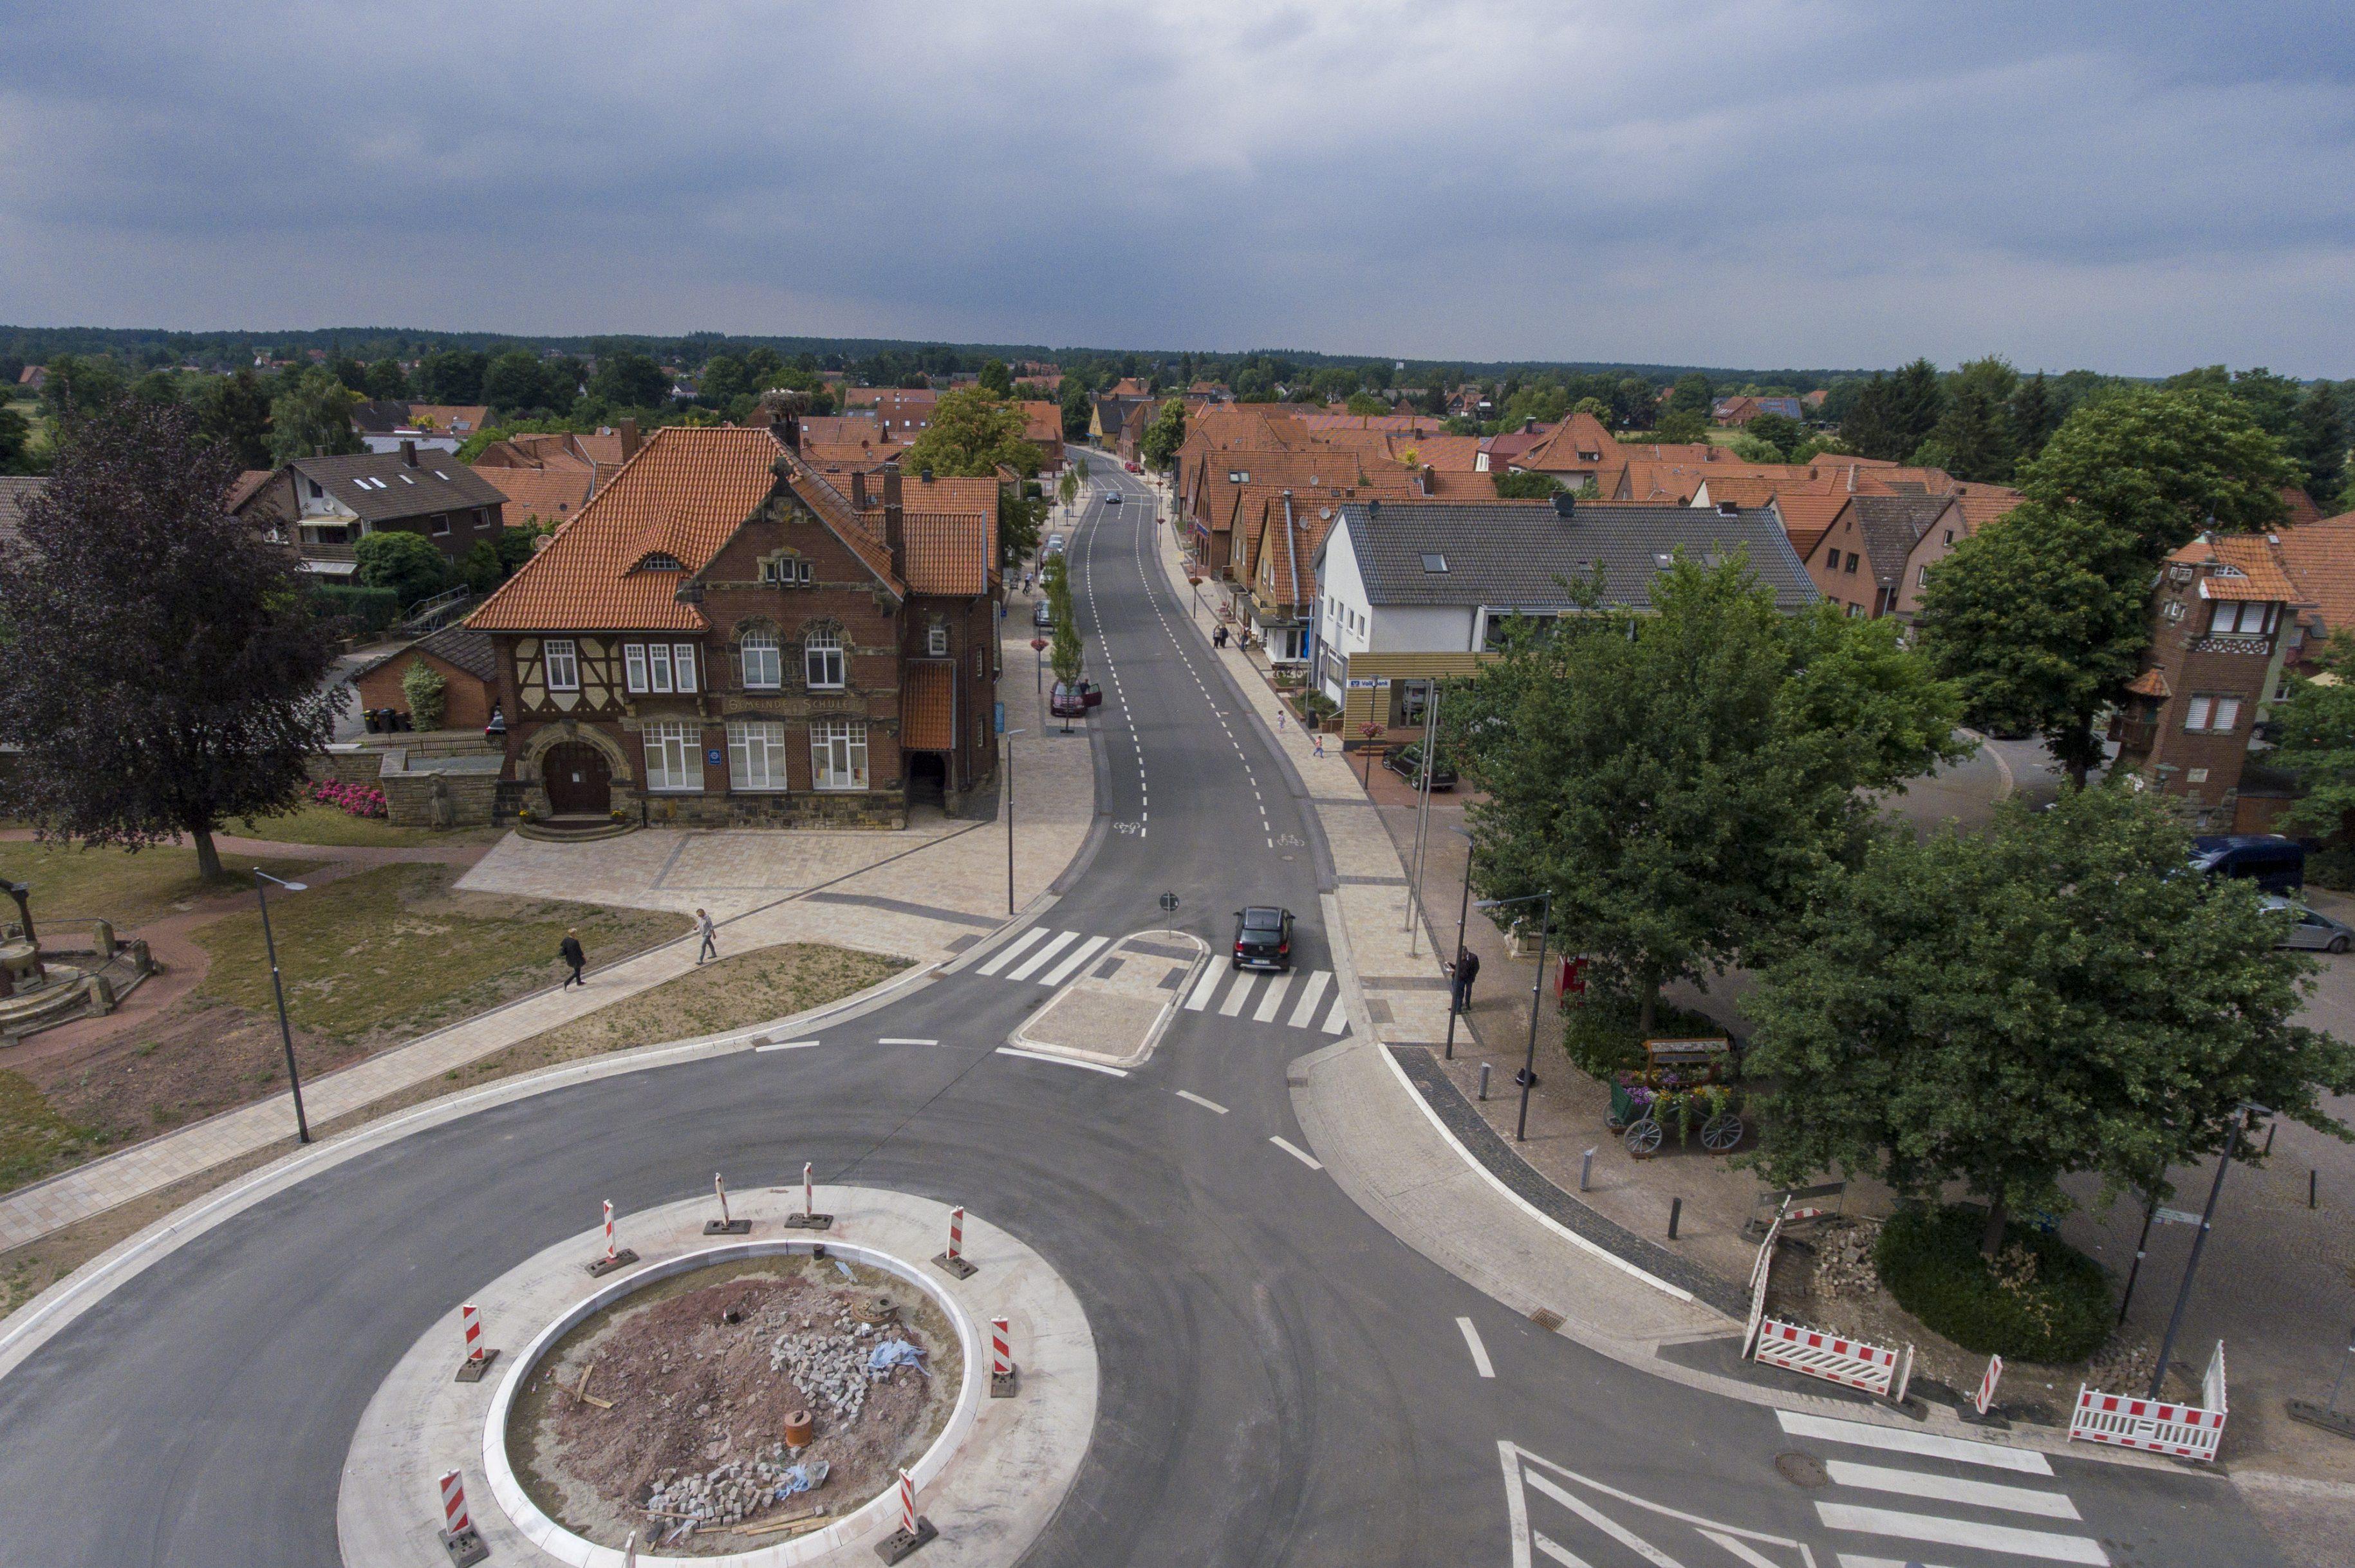 Stadtteilfest zum Abschluss der Bauarbeiten in der Ortsdurchfahrt Rehburg